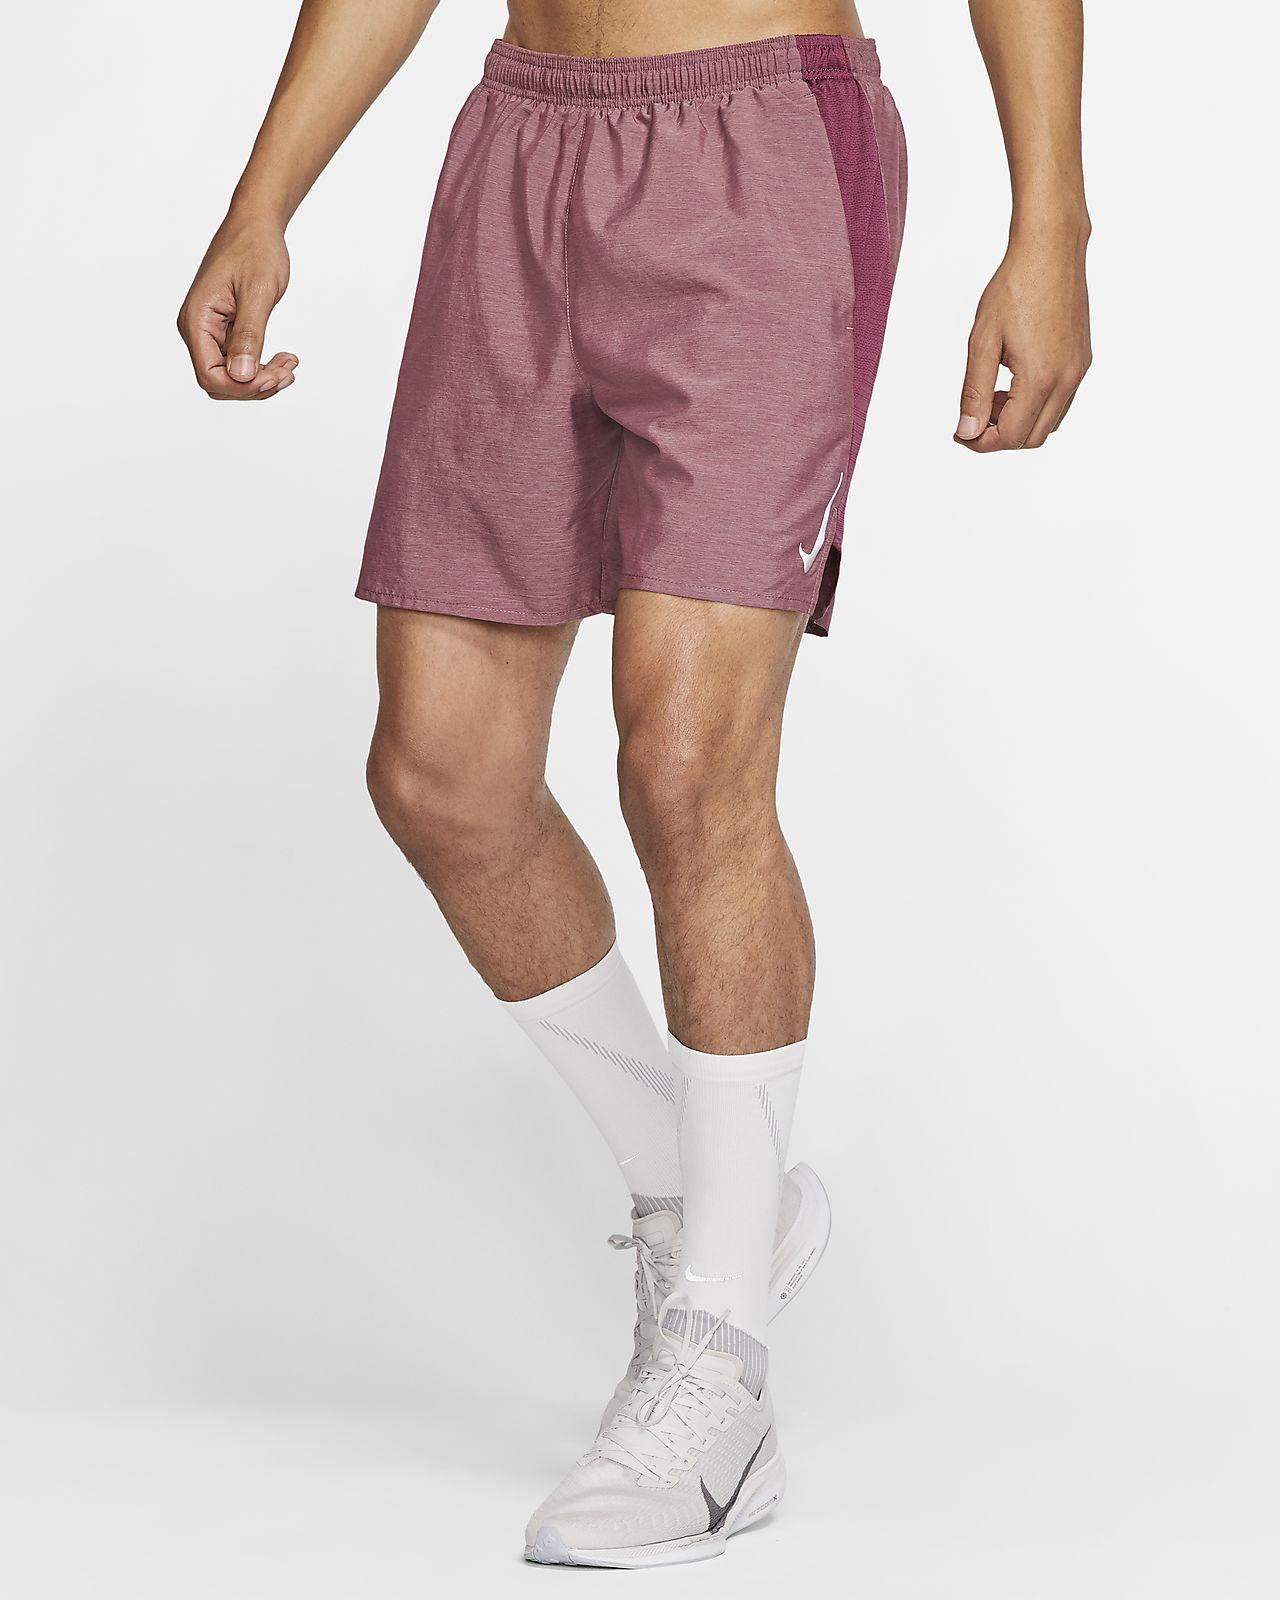 Shorts de running forrados de 18 cm para hombre Nike Challenger